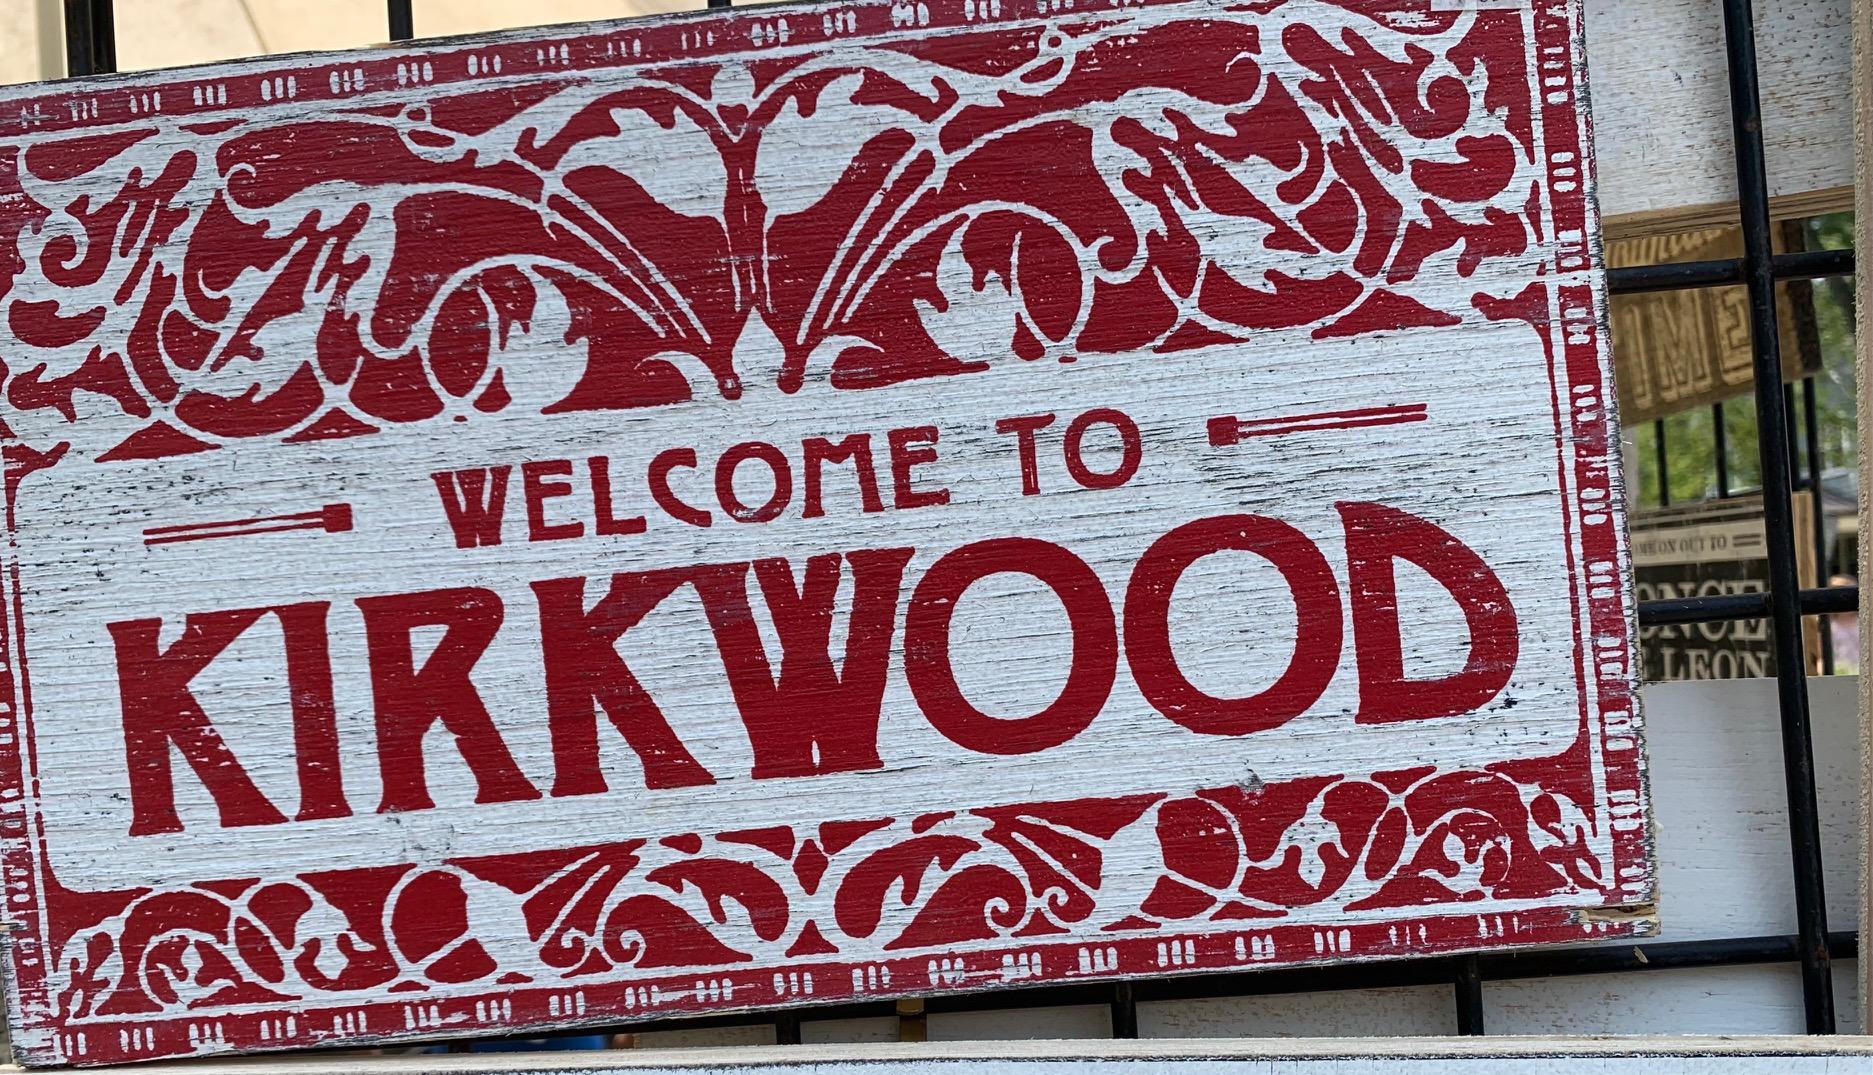 Kirkwood2021_01